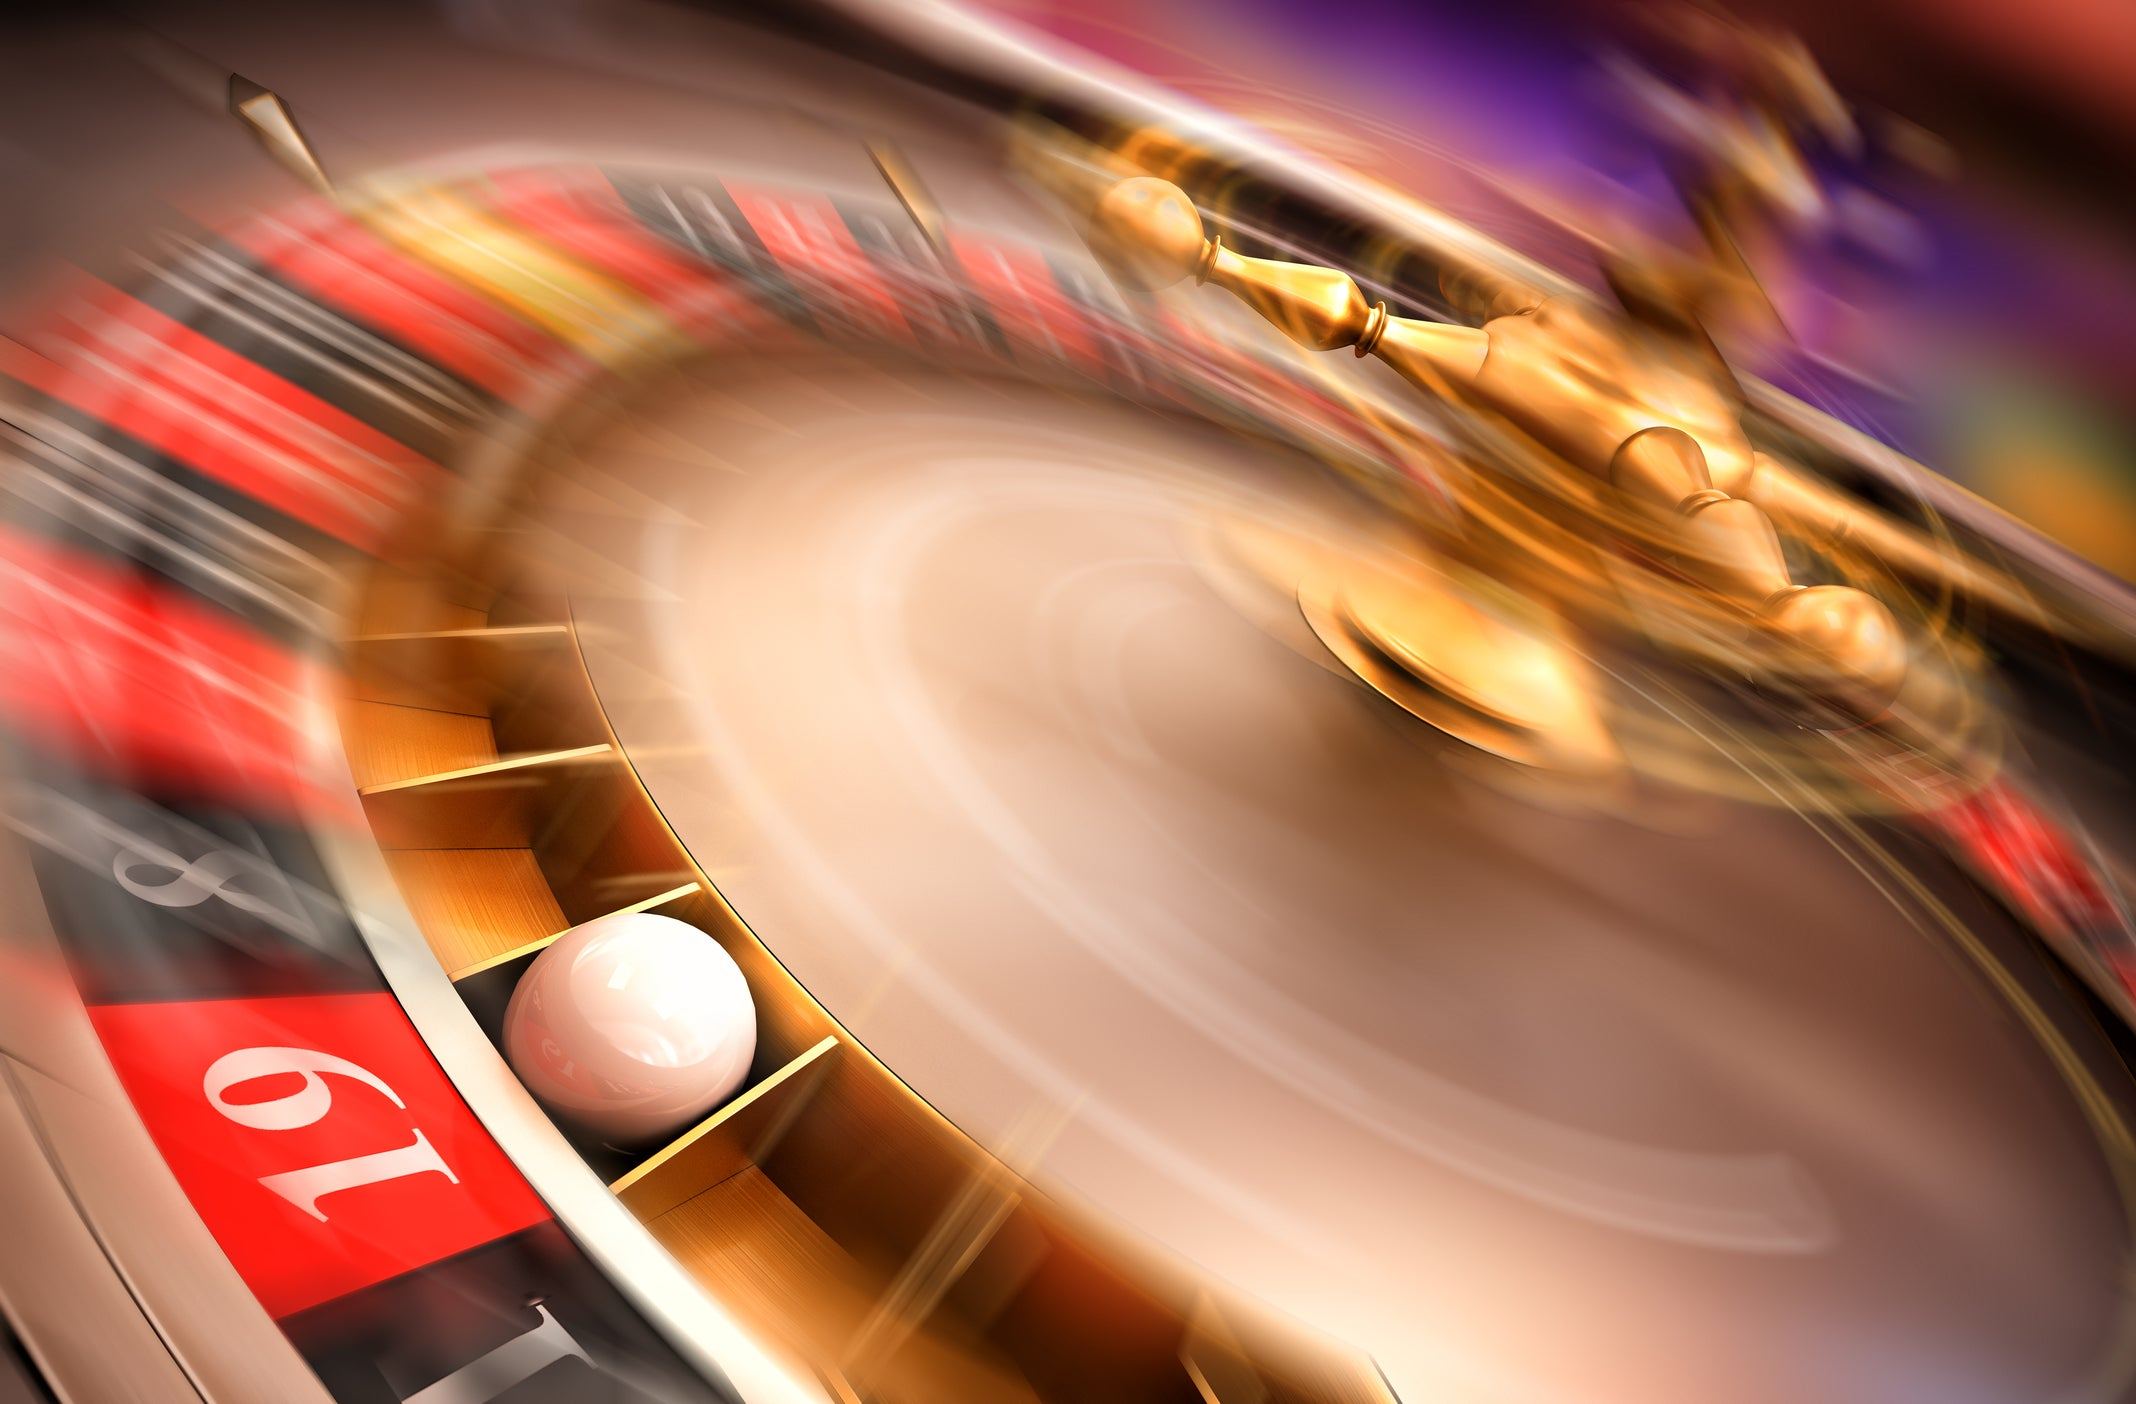 giochi di slot machine